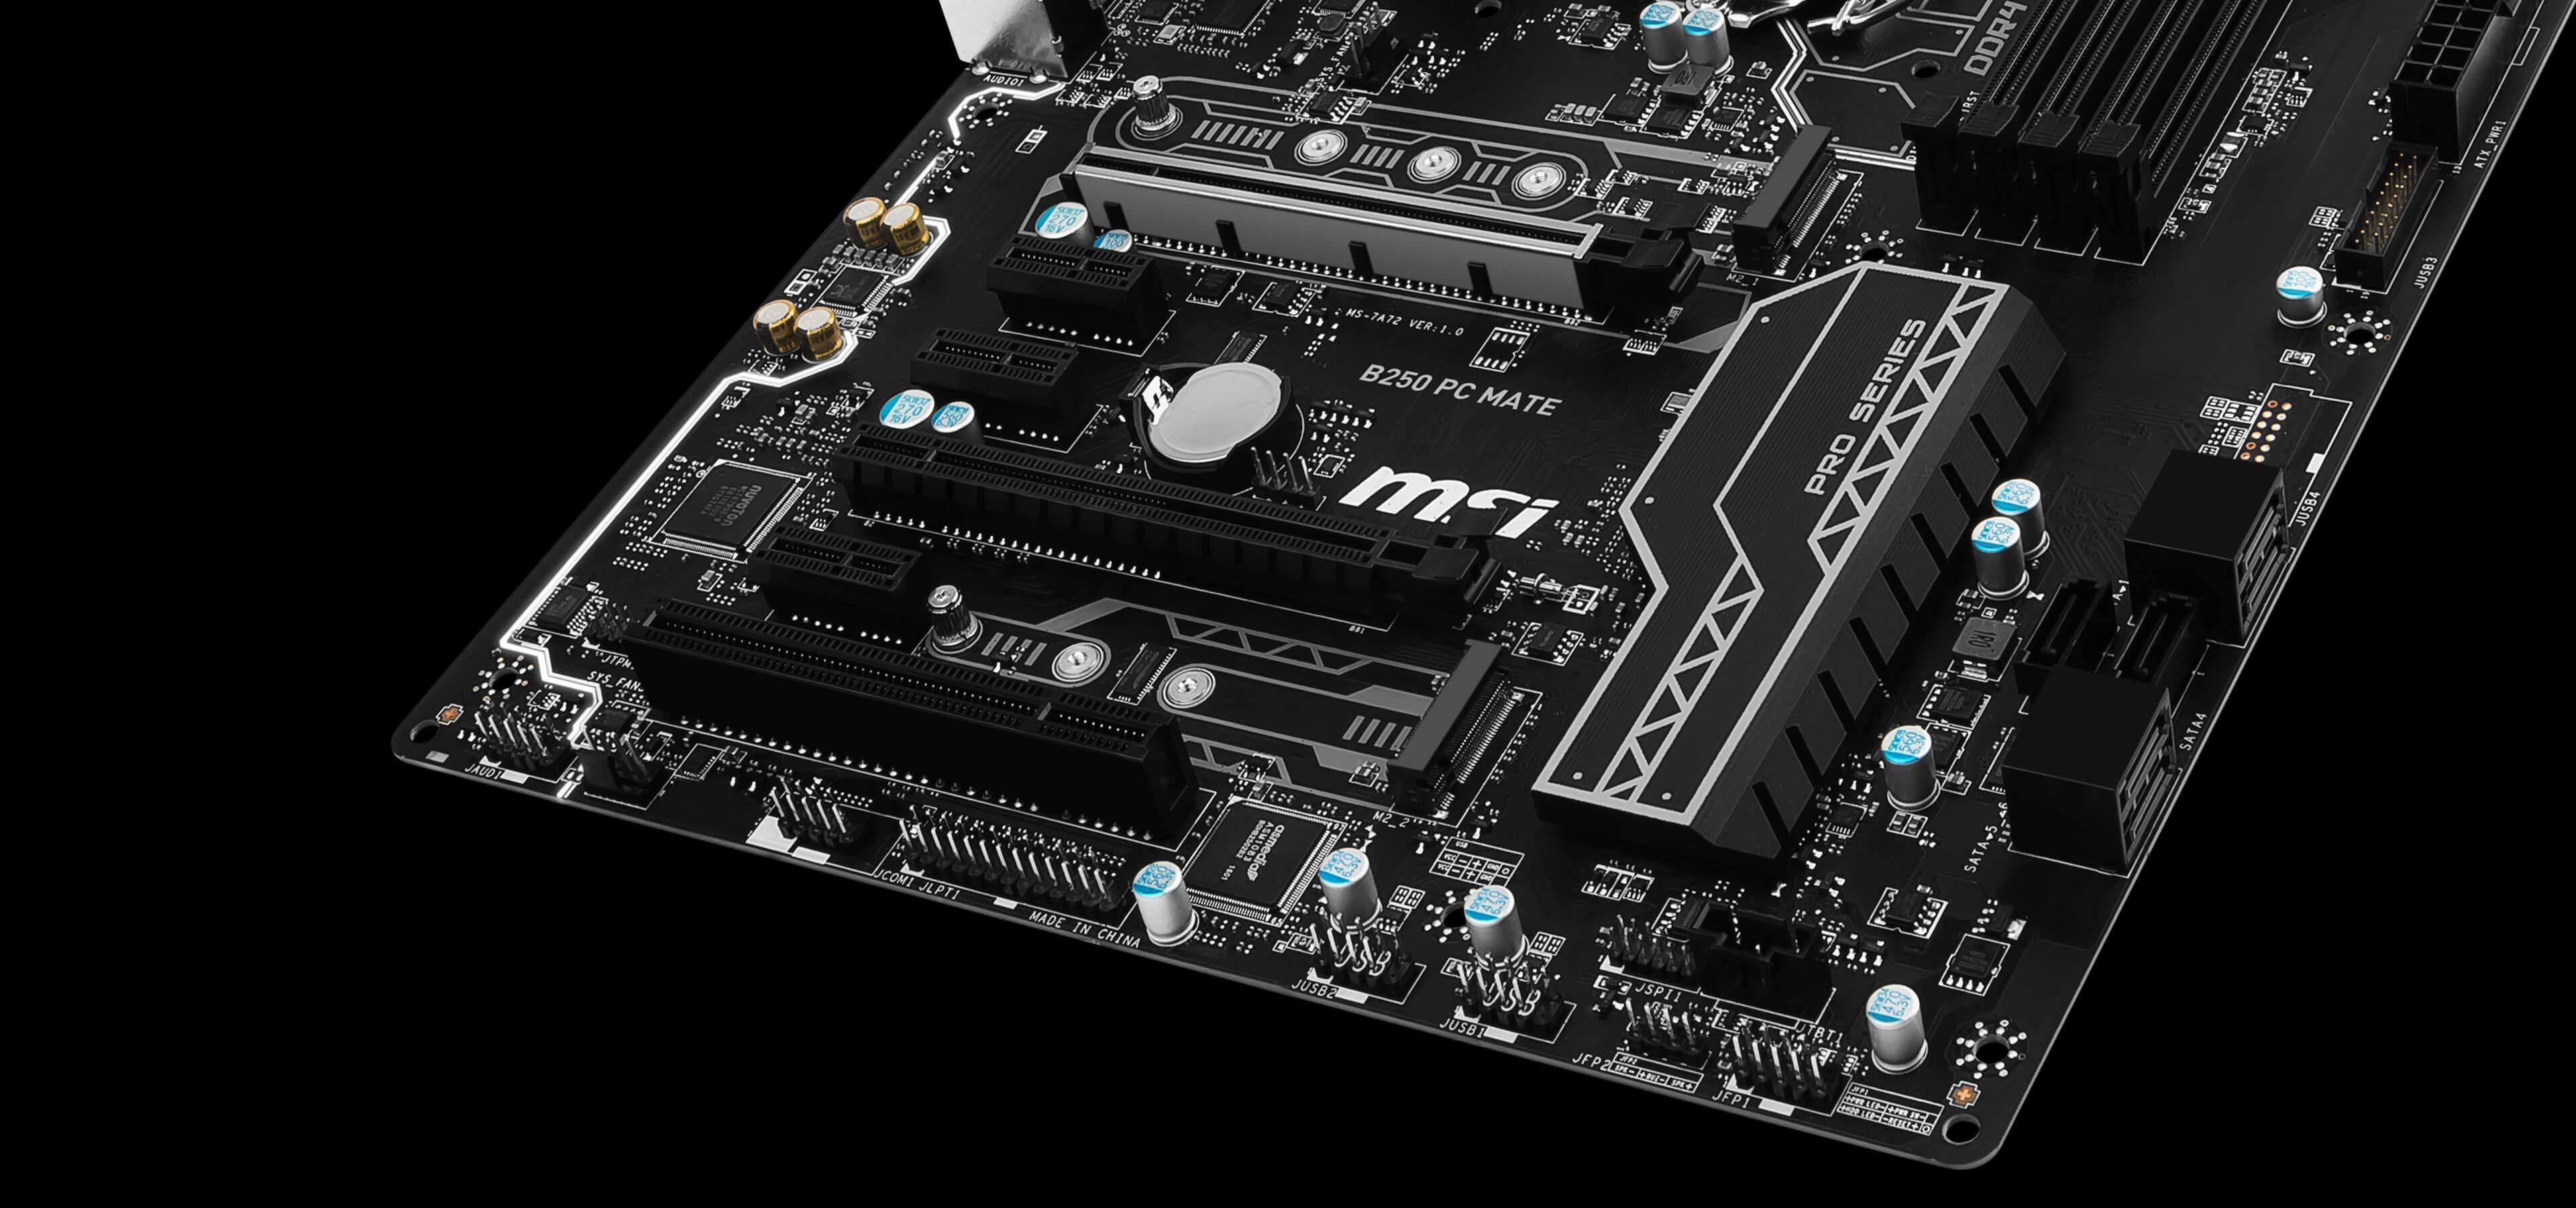 MSI B250 PC MATE 7th/6th Gen USB3 ATX Motherboard - Black (Intel Core i3/i5/i7 Processor, LGA 1151, Dual Channel DDR4, USB 3.1, PCI-E 3.0, PCI-E x1, Sata 6 GB)